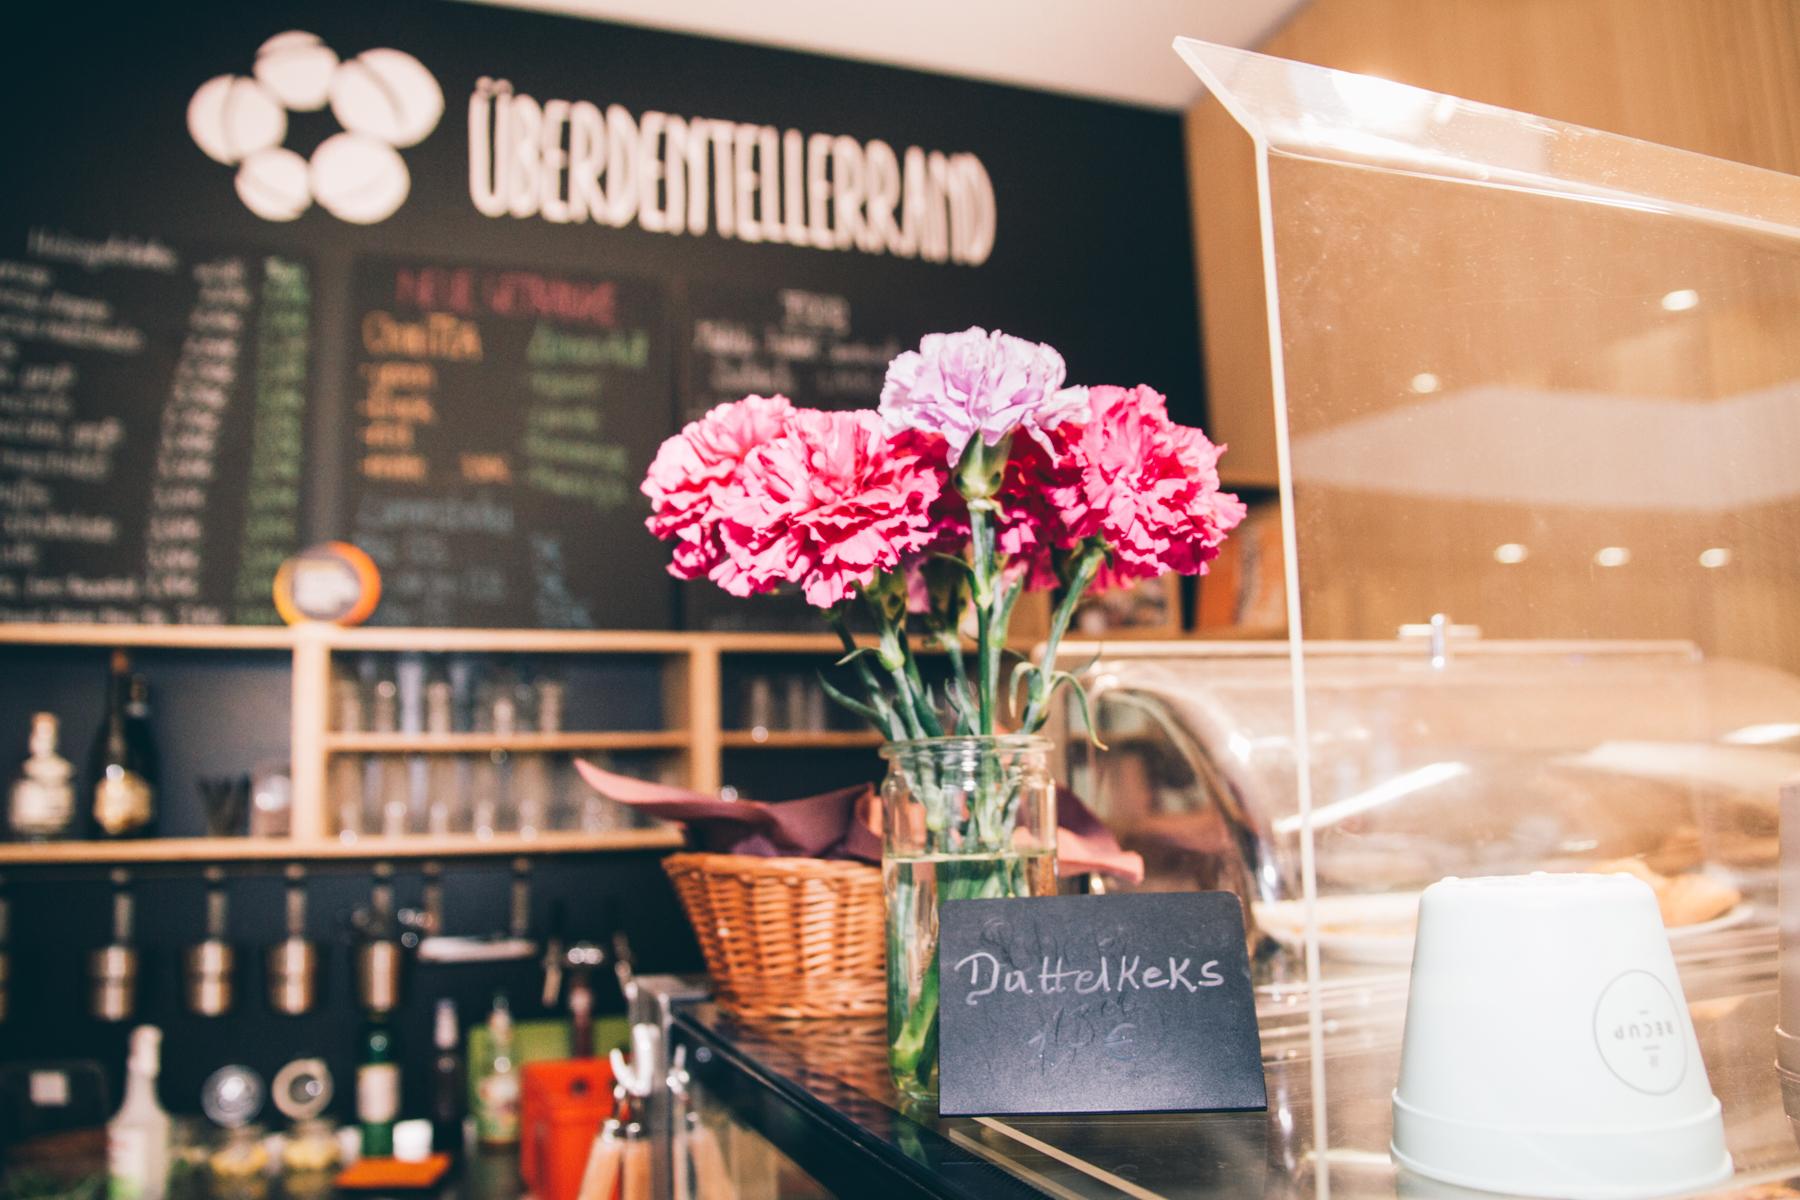 Blumen und Kaffeeduft am Tresen – und der von köstlichen Dattelkeksen. – ©wunderland media GmbH